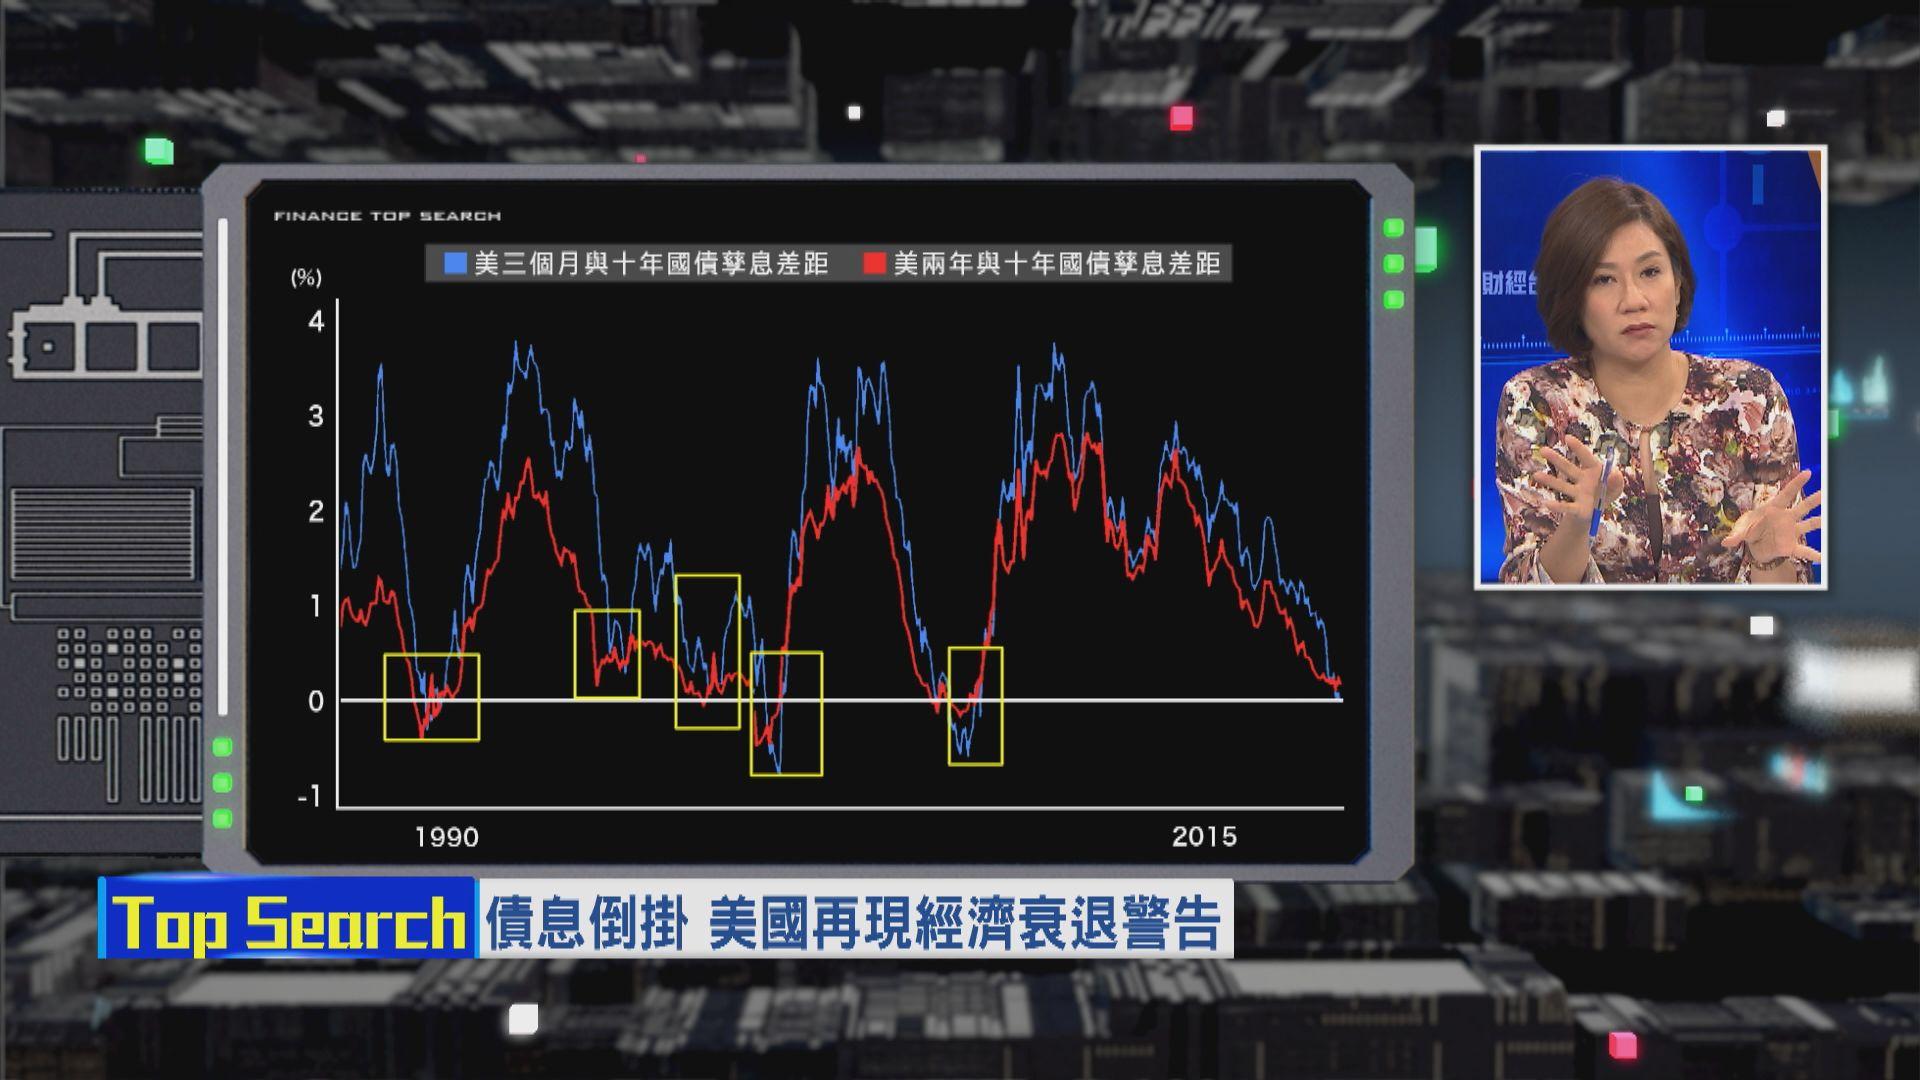 【財經TOP SEARCH】經濟衰退殺到?記得綁好安全帶...